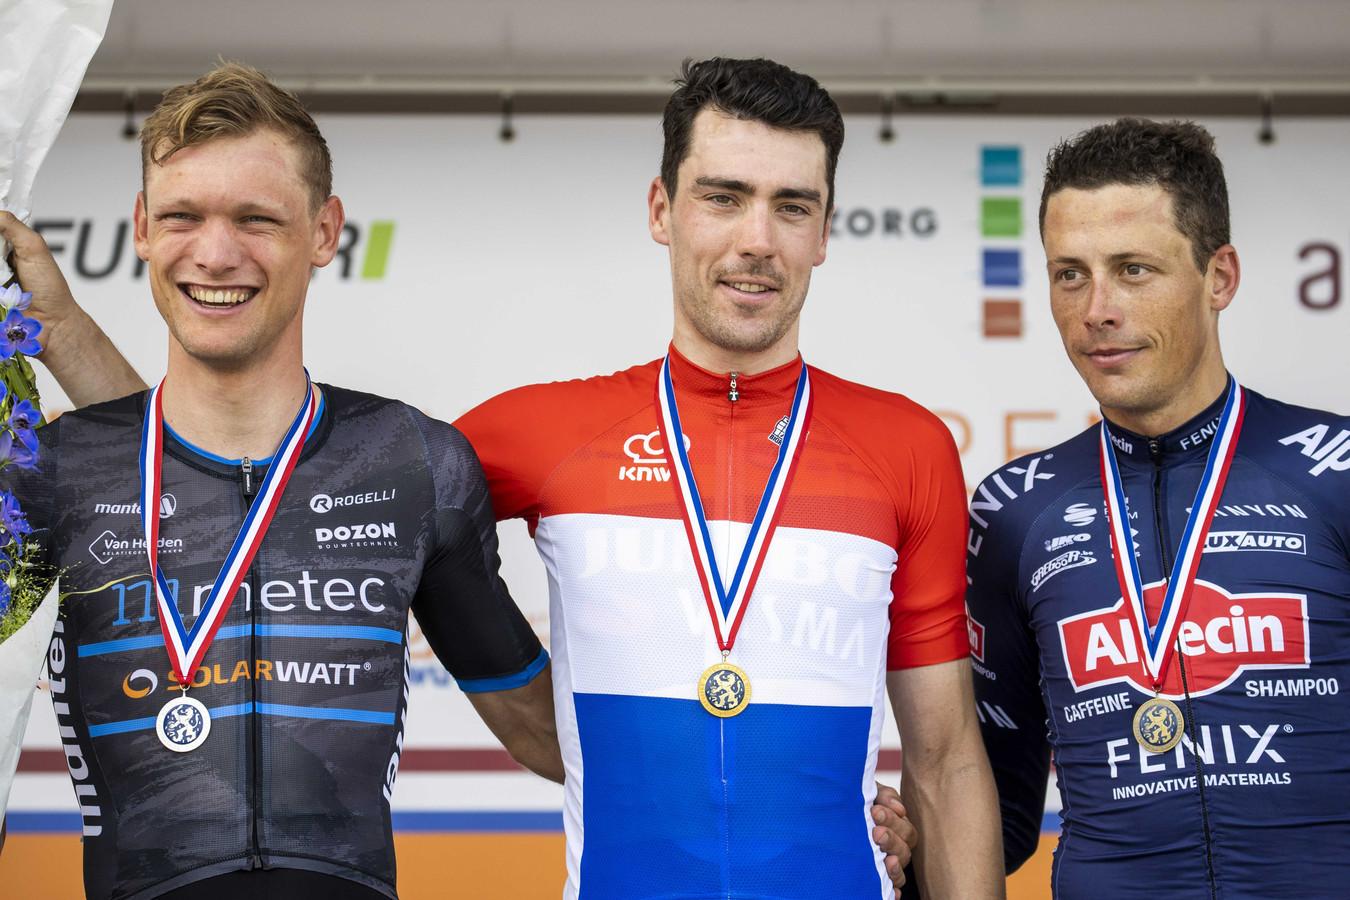 Winnaar Timo Roosen tussen Sjoerd Bax (l) (tweede) en Oscar Riesebeek (derde) tijdens de huldiging van het NK.